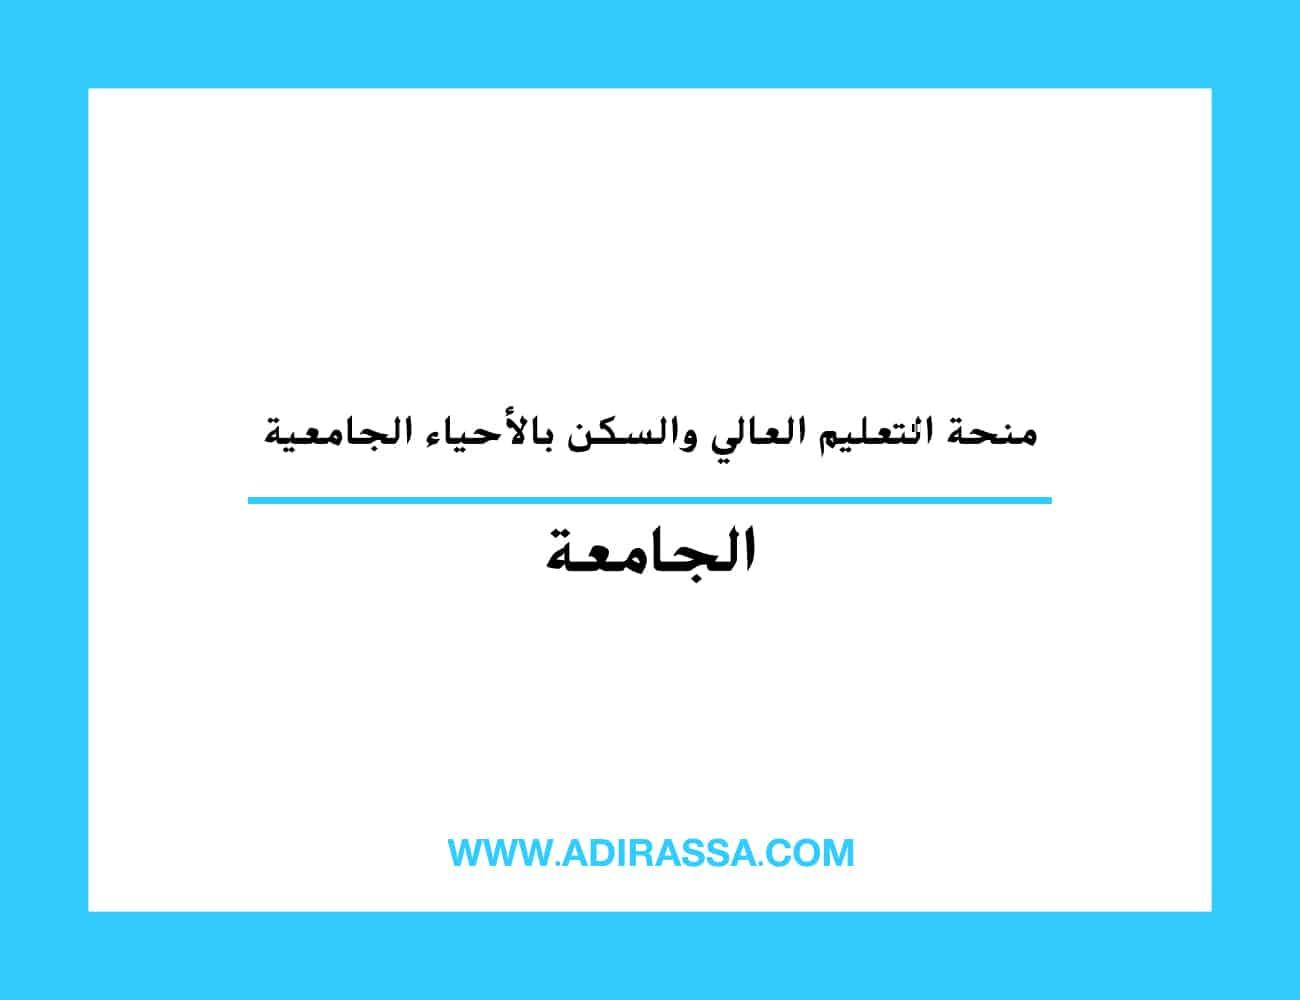 منحة التعليم العالي والسكن بالأحياء الجامعية بالمغرب